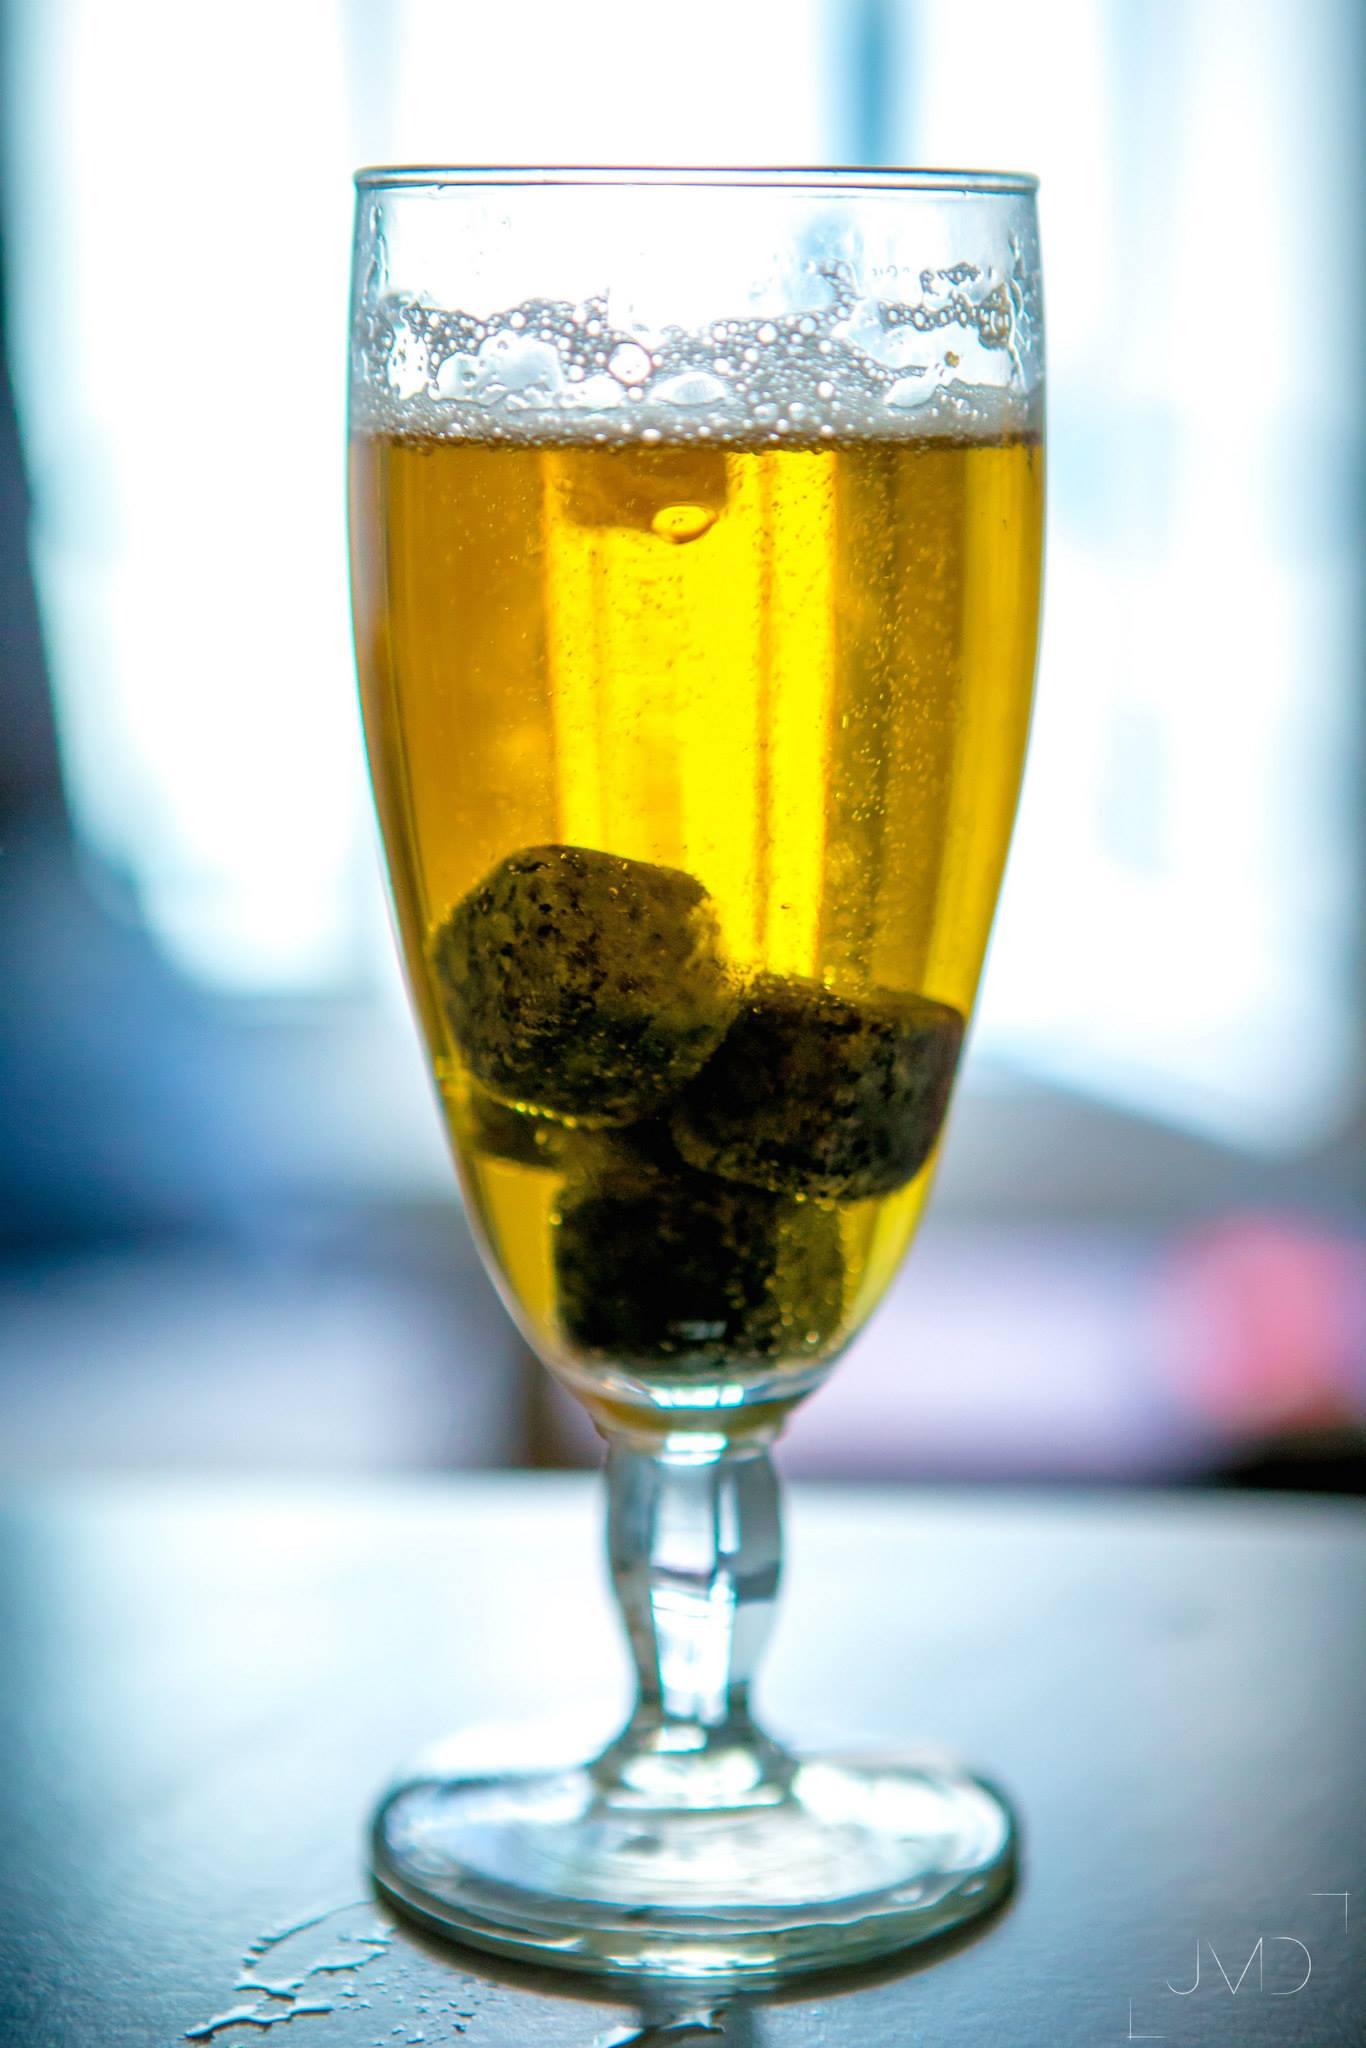 Bier on the rocks